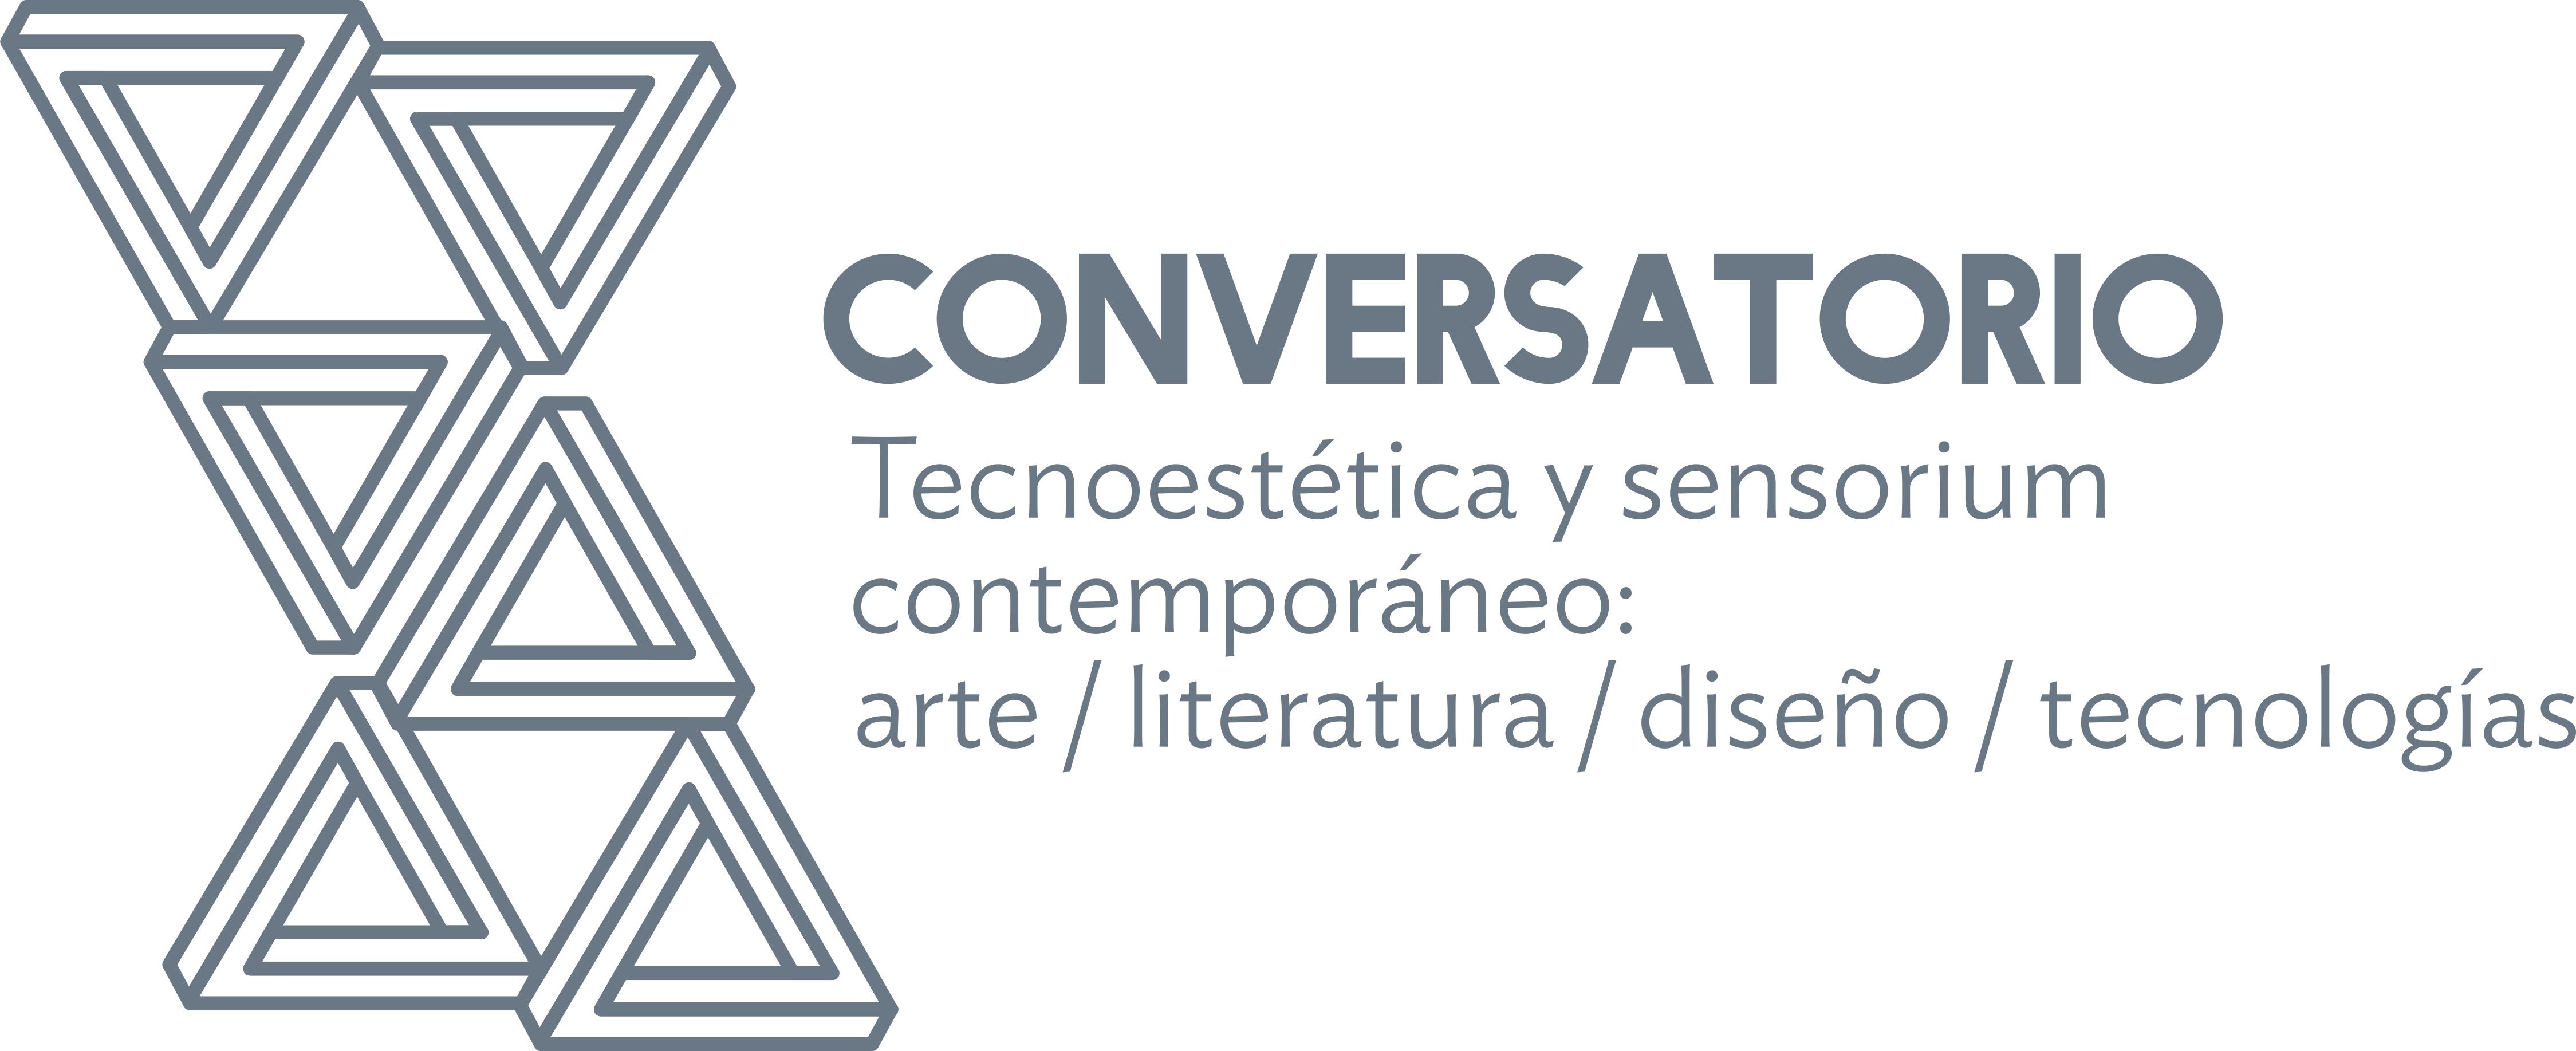 Conversatorio Tecnoestética y Sensorium Contemporáneo